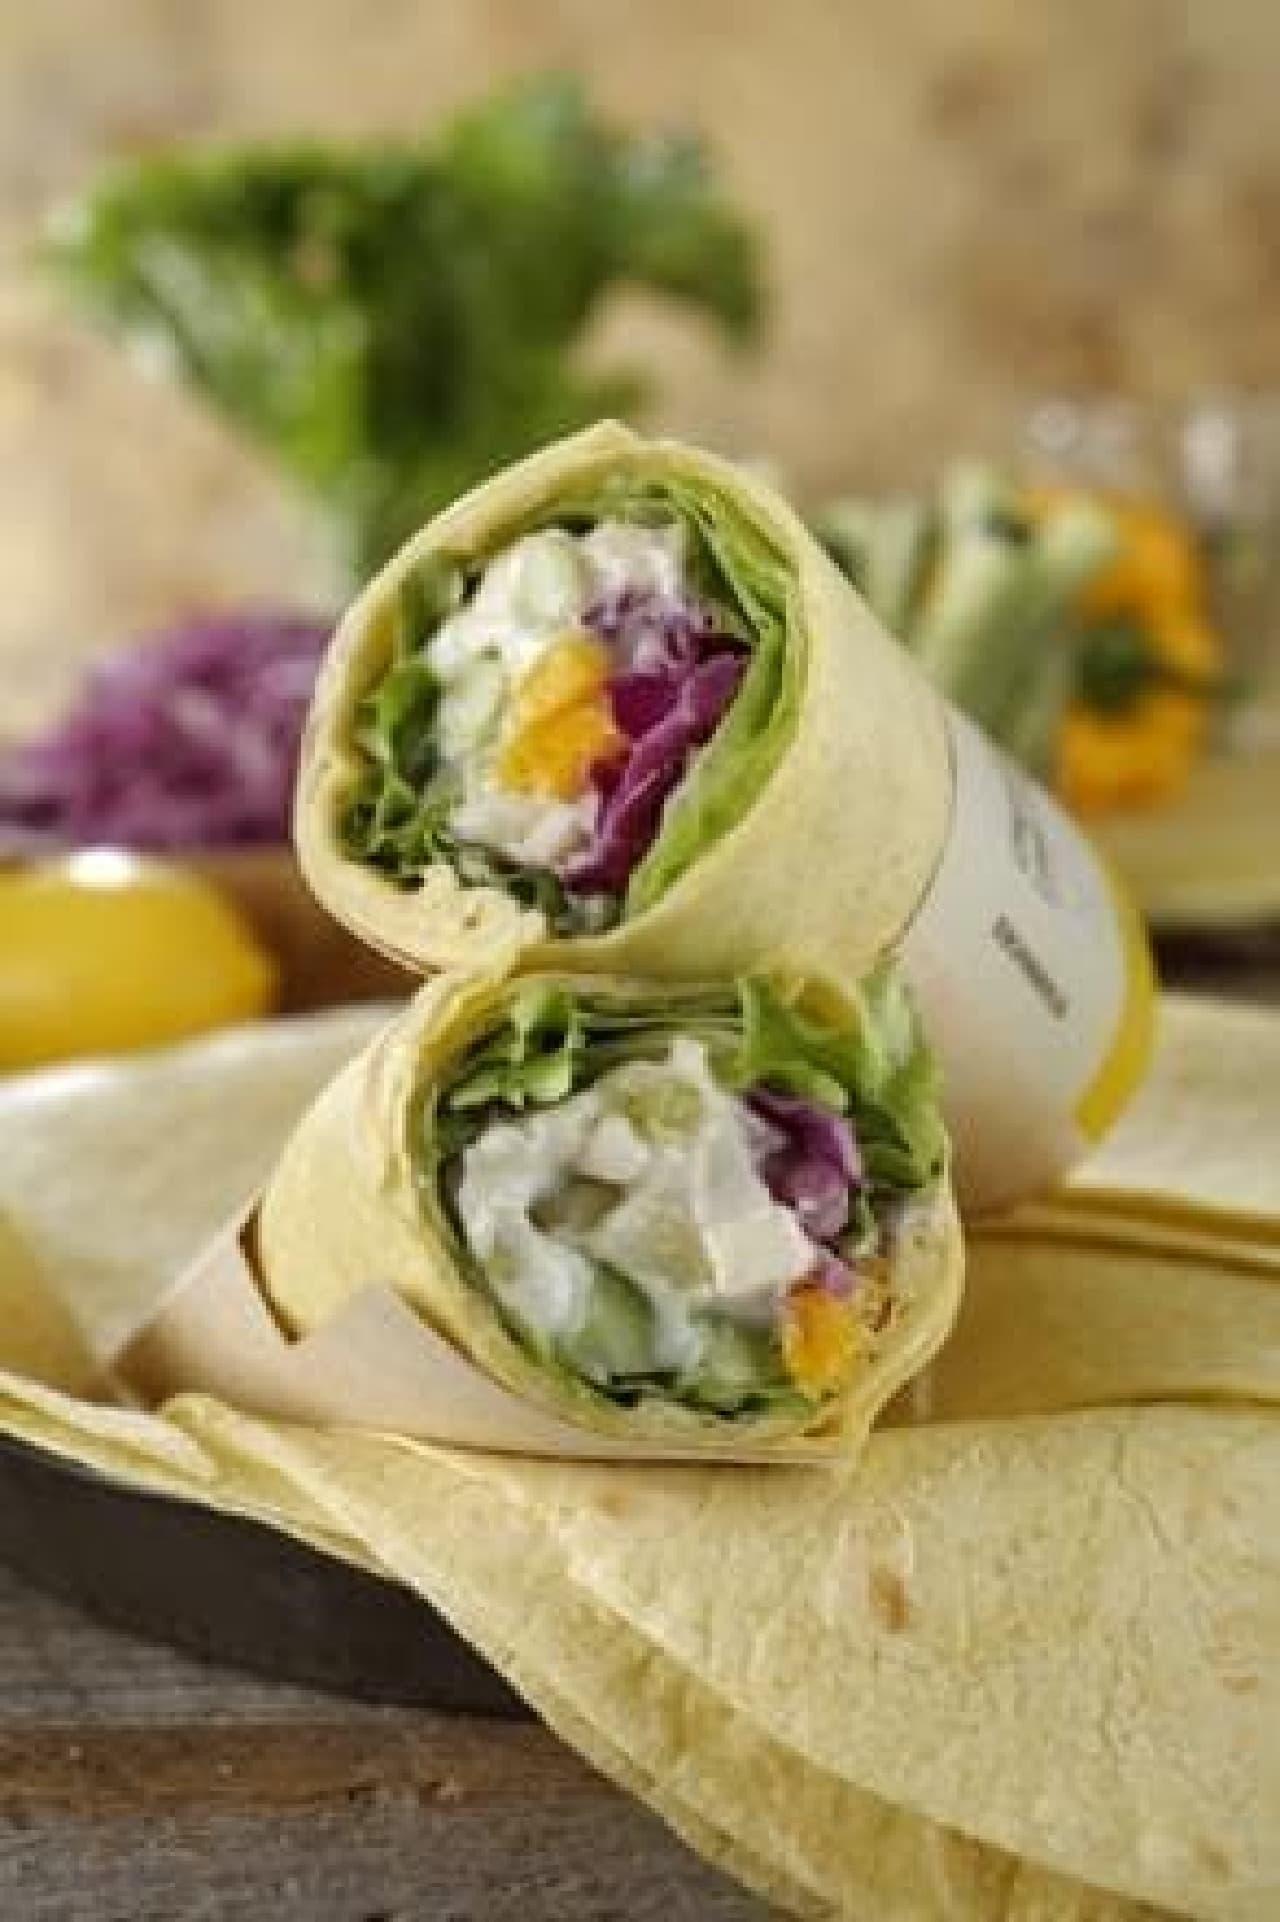 サラダラップ 12品目野菜 レモンクリーム